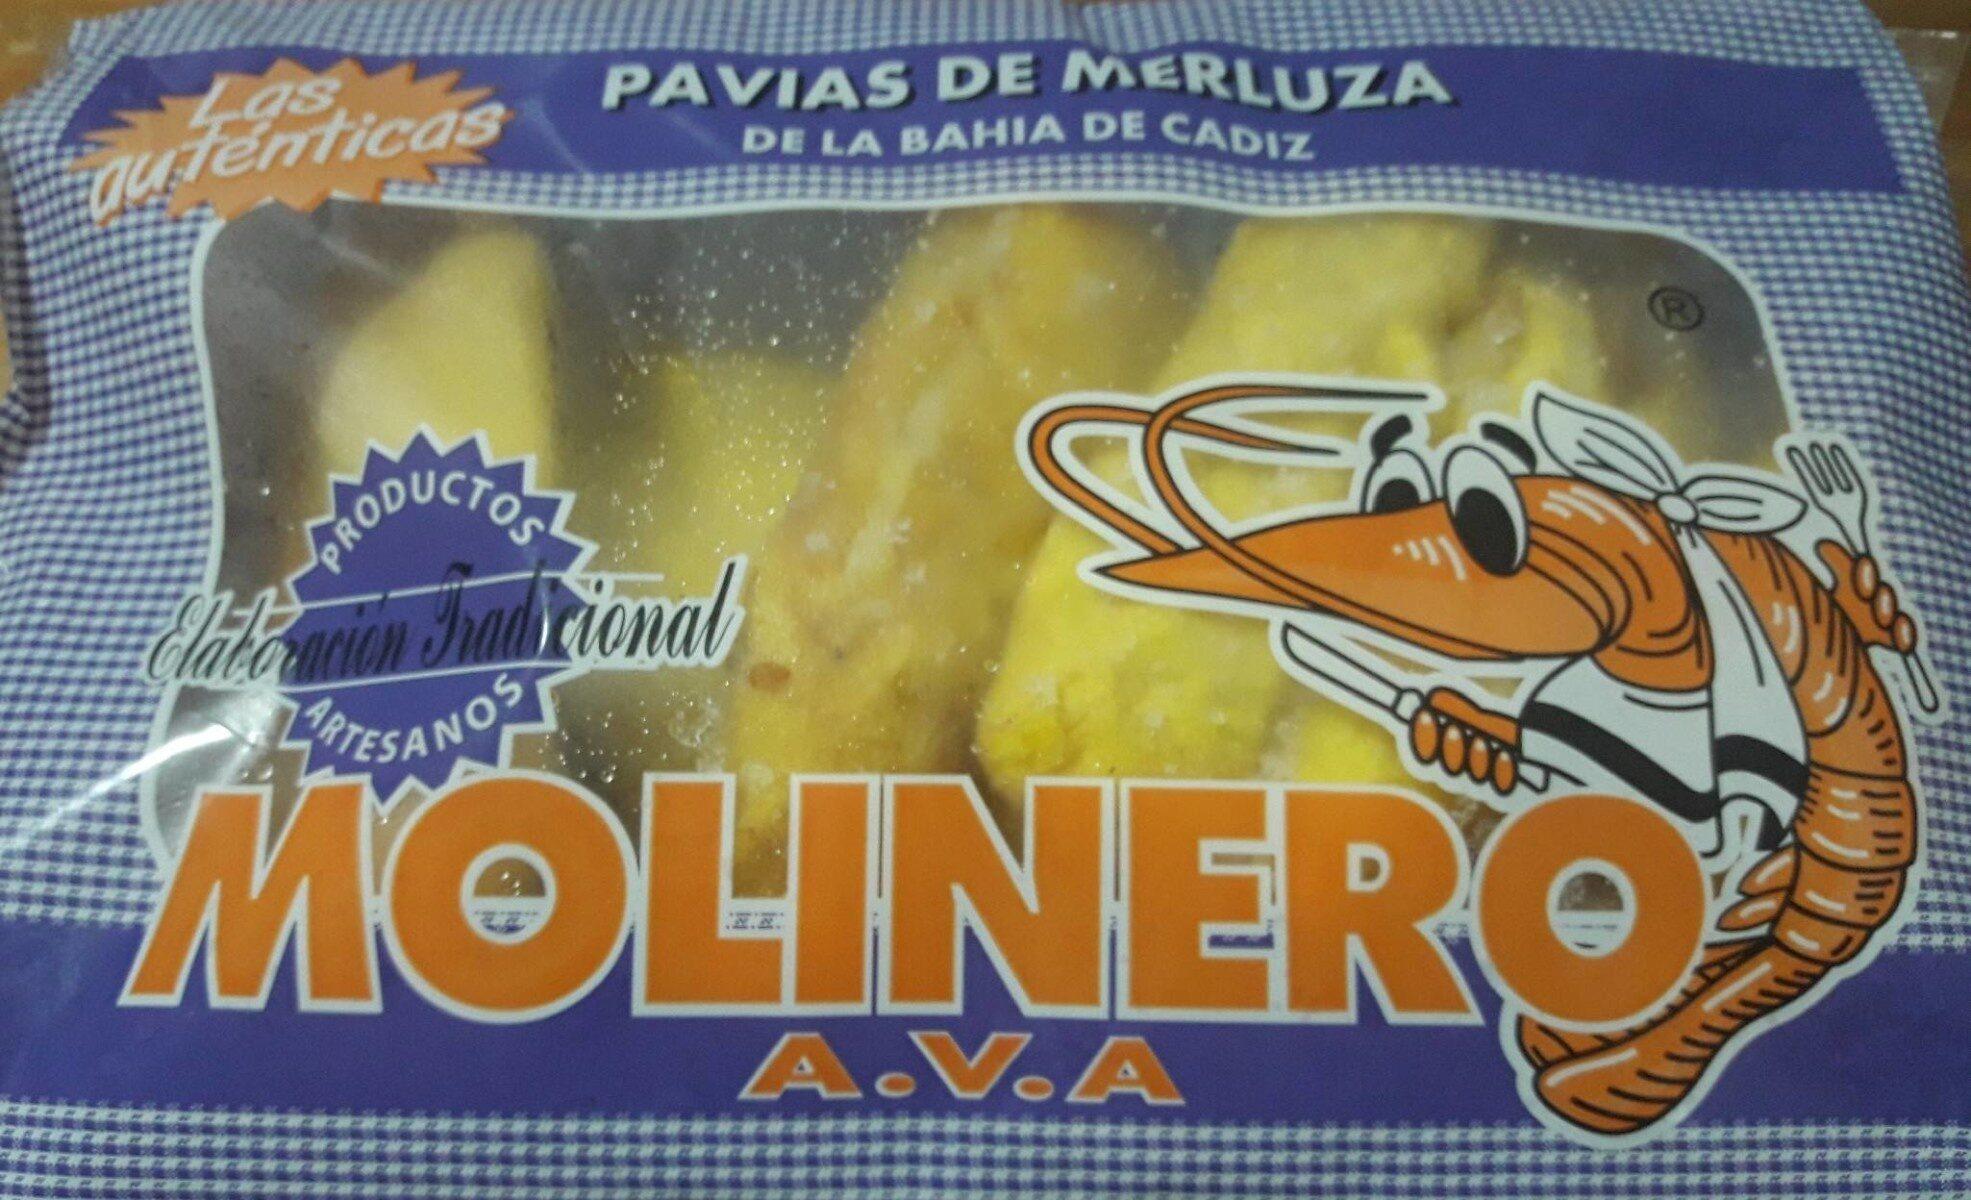 Pavias de merluza - Produit - es